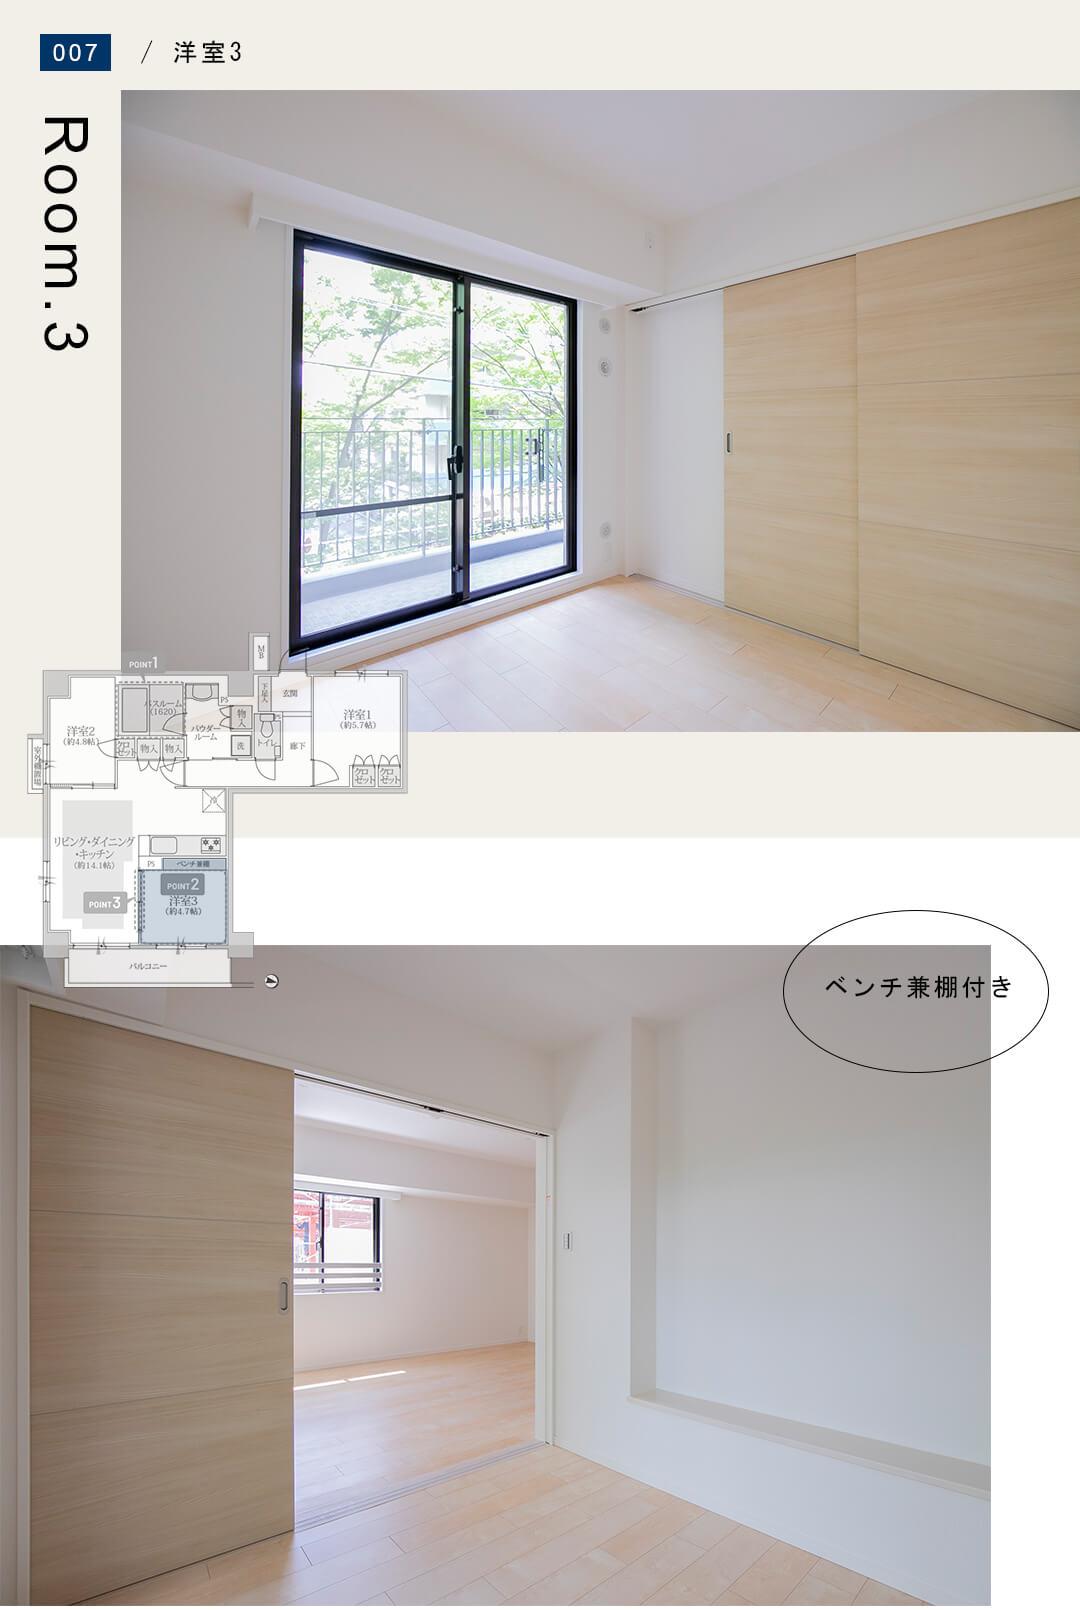 リブネスモア戸田公園303の洋室